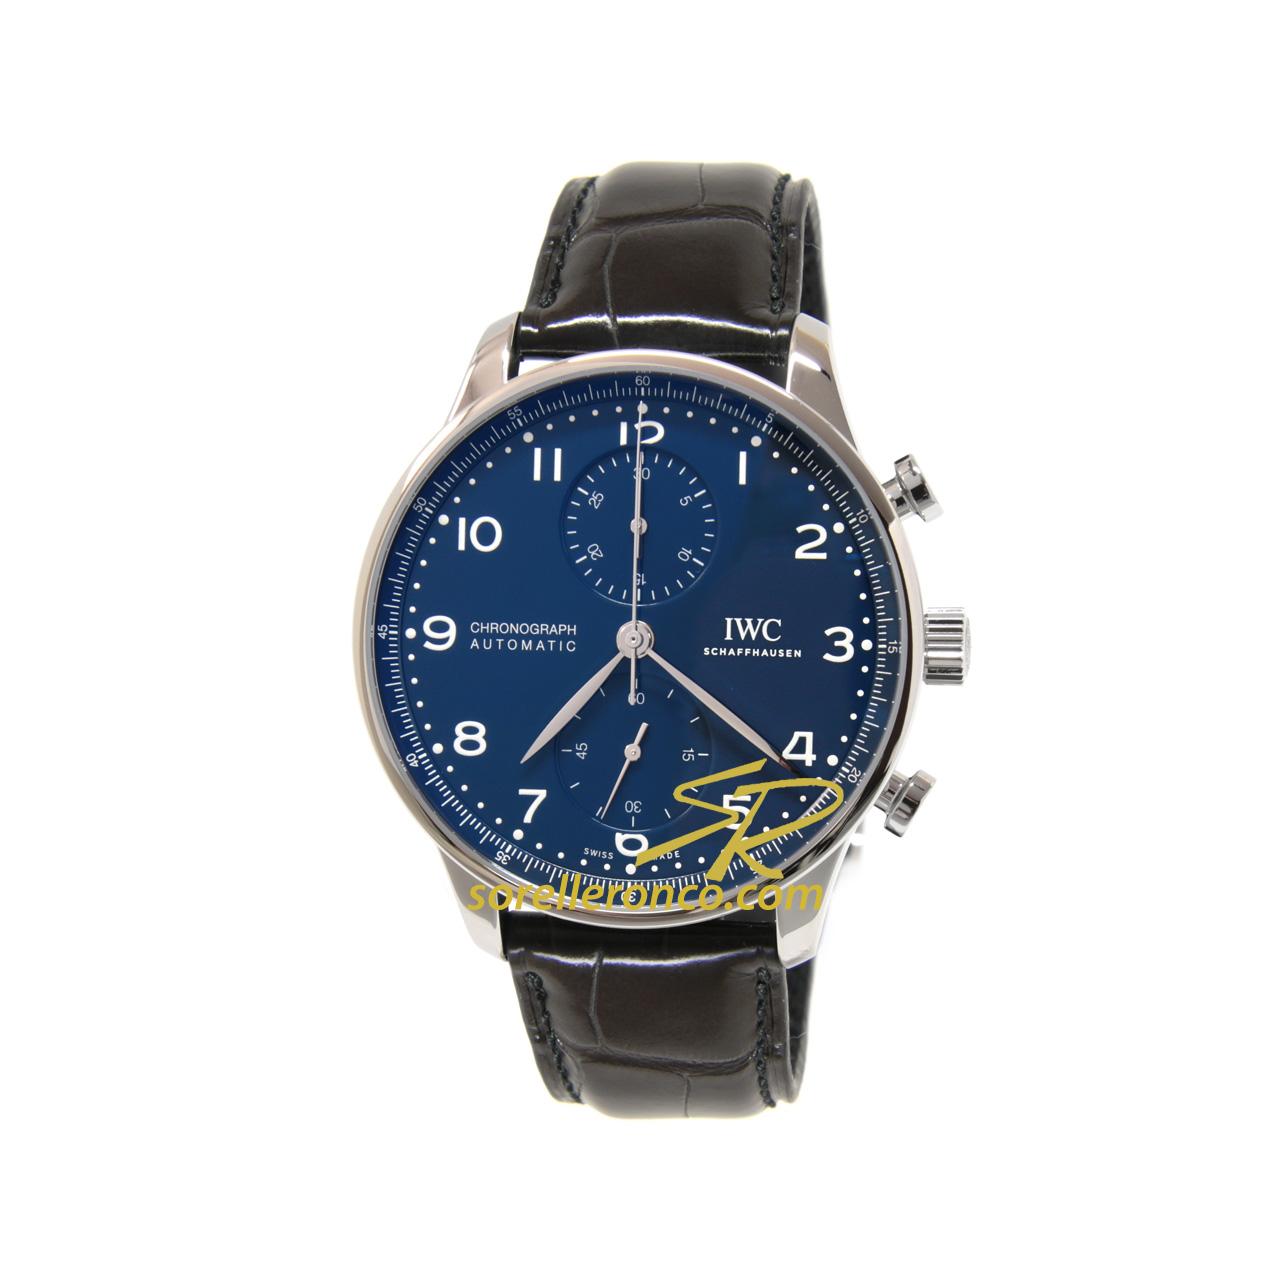 Cronografo Portoghese Blu Automatico 150th Anniversario IWC